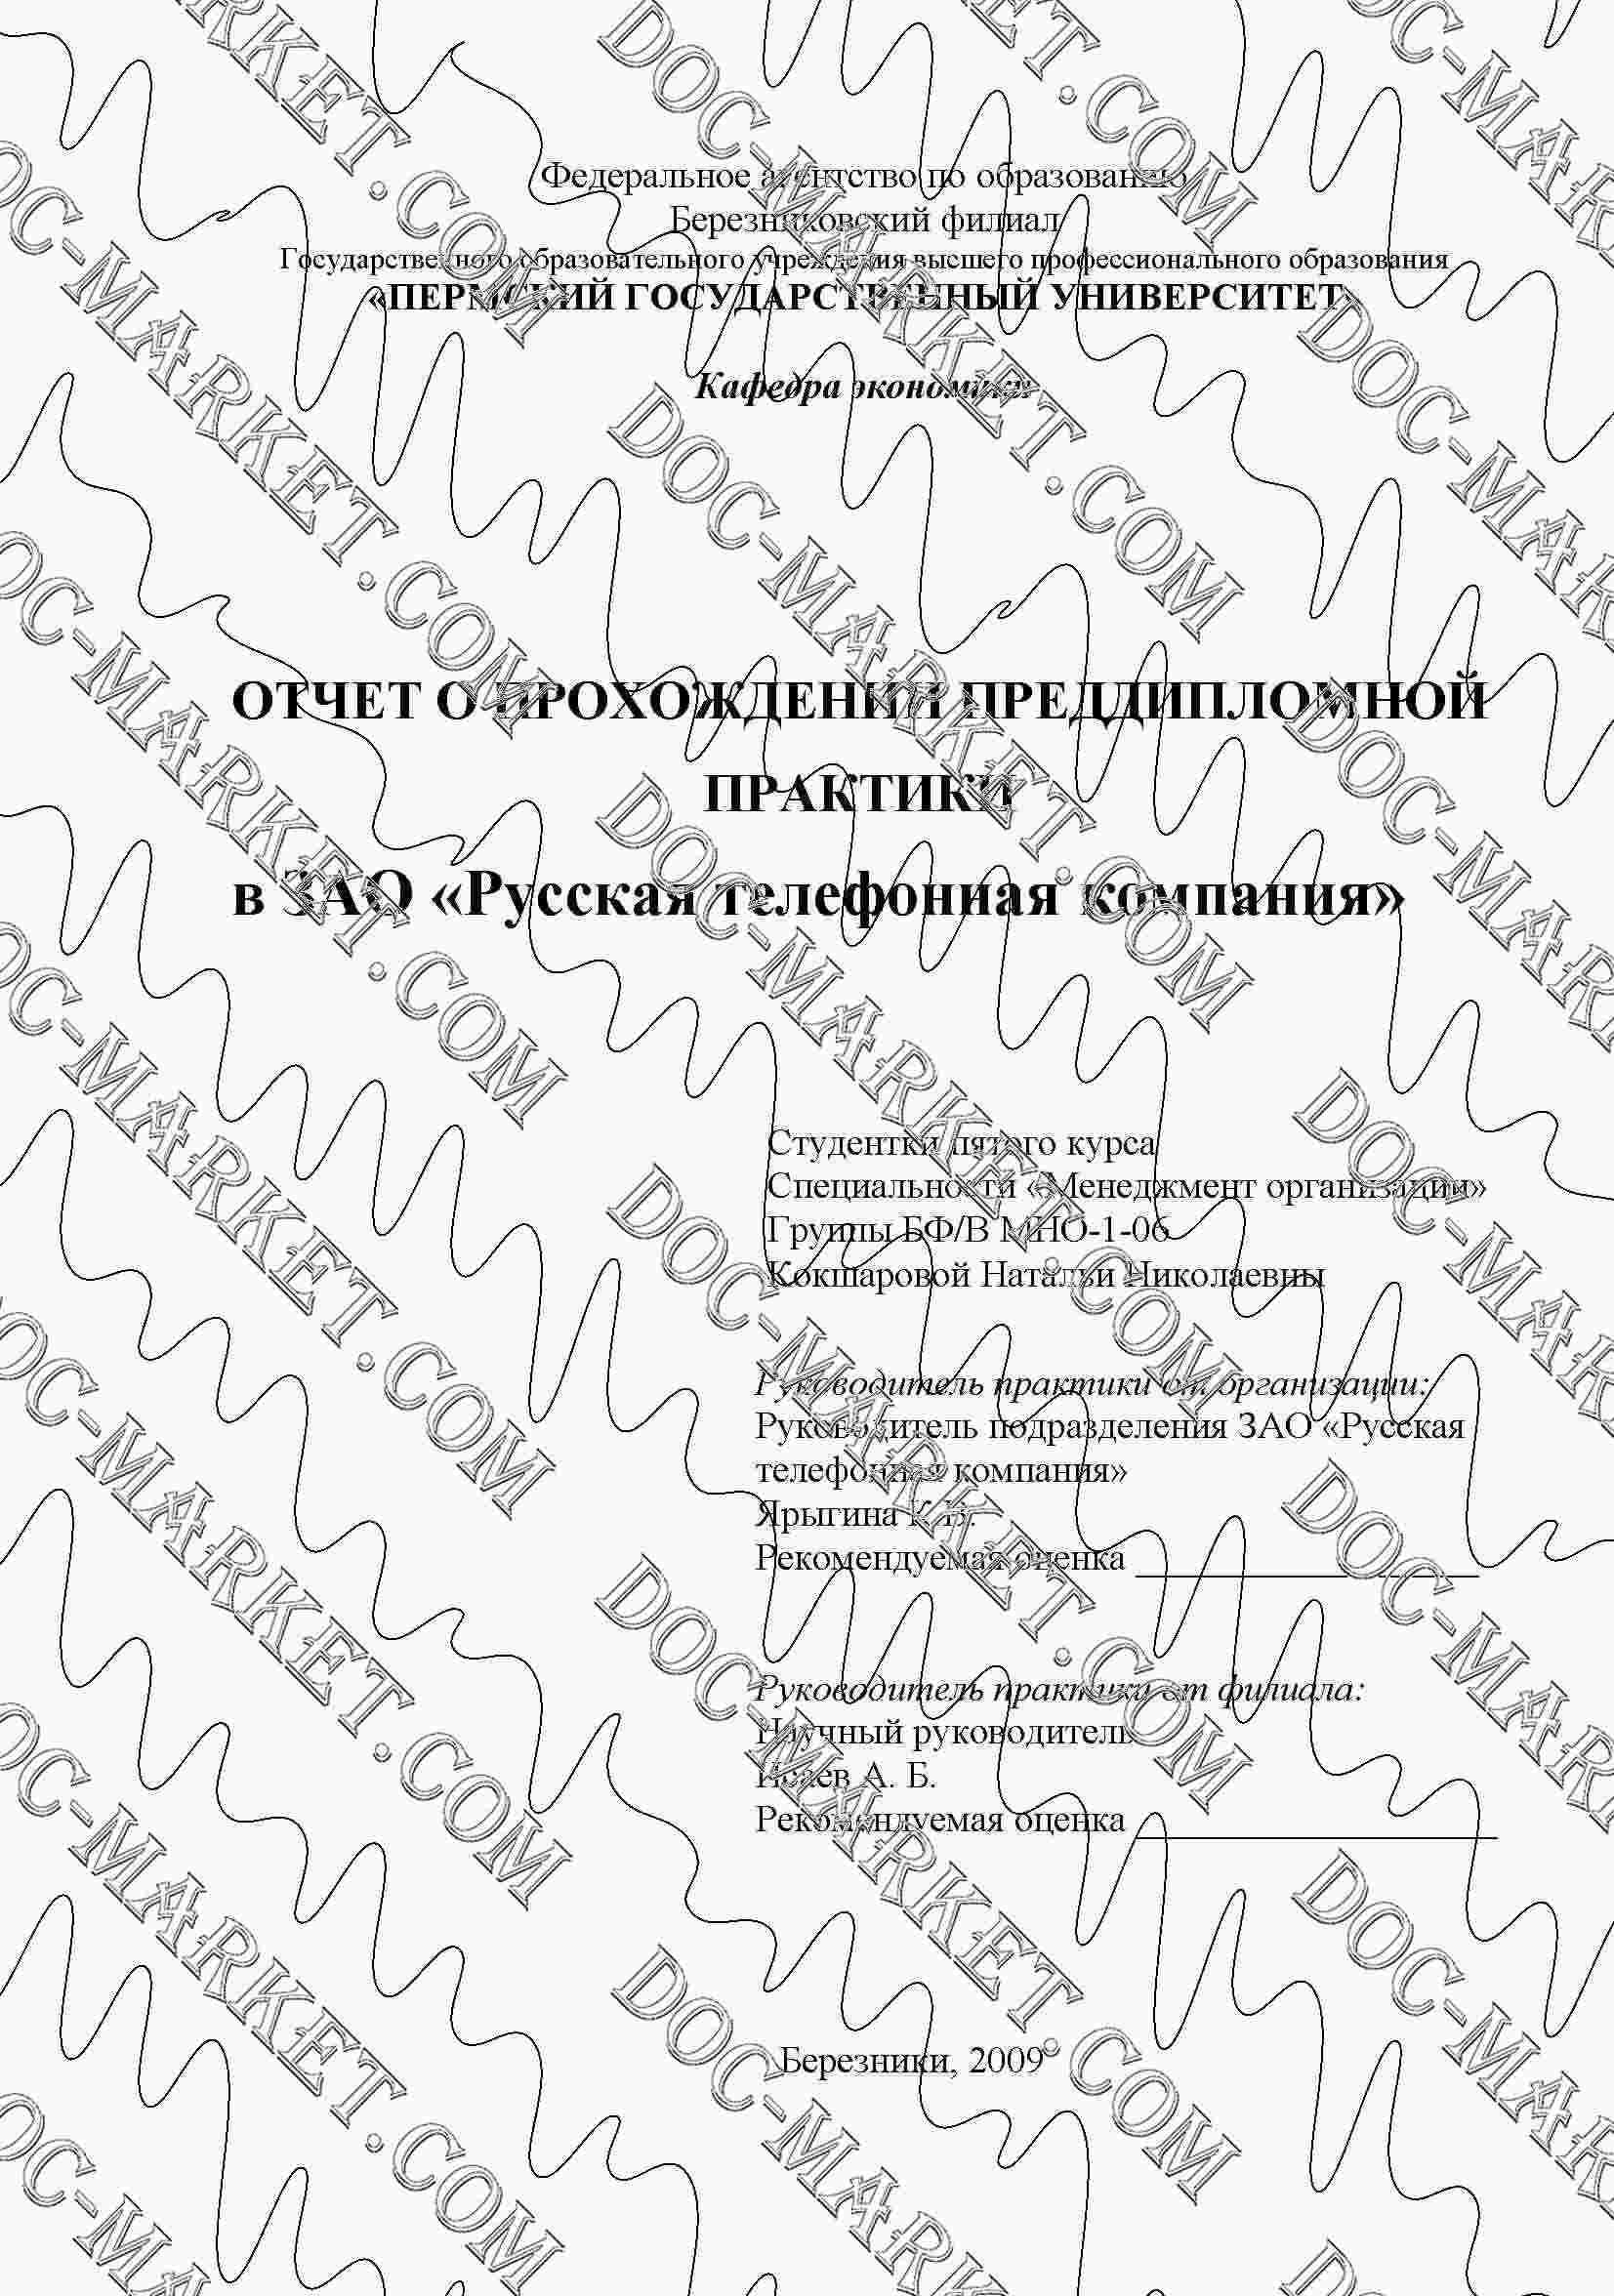 Другая отчет по преддипломной практике посмотреть по предмету  отчет по преддипломной практике менеджера в магазине